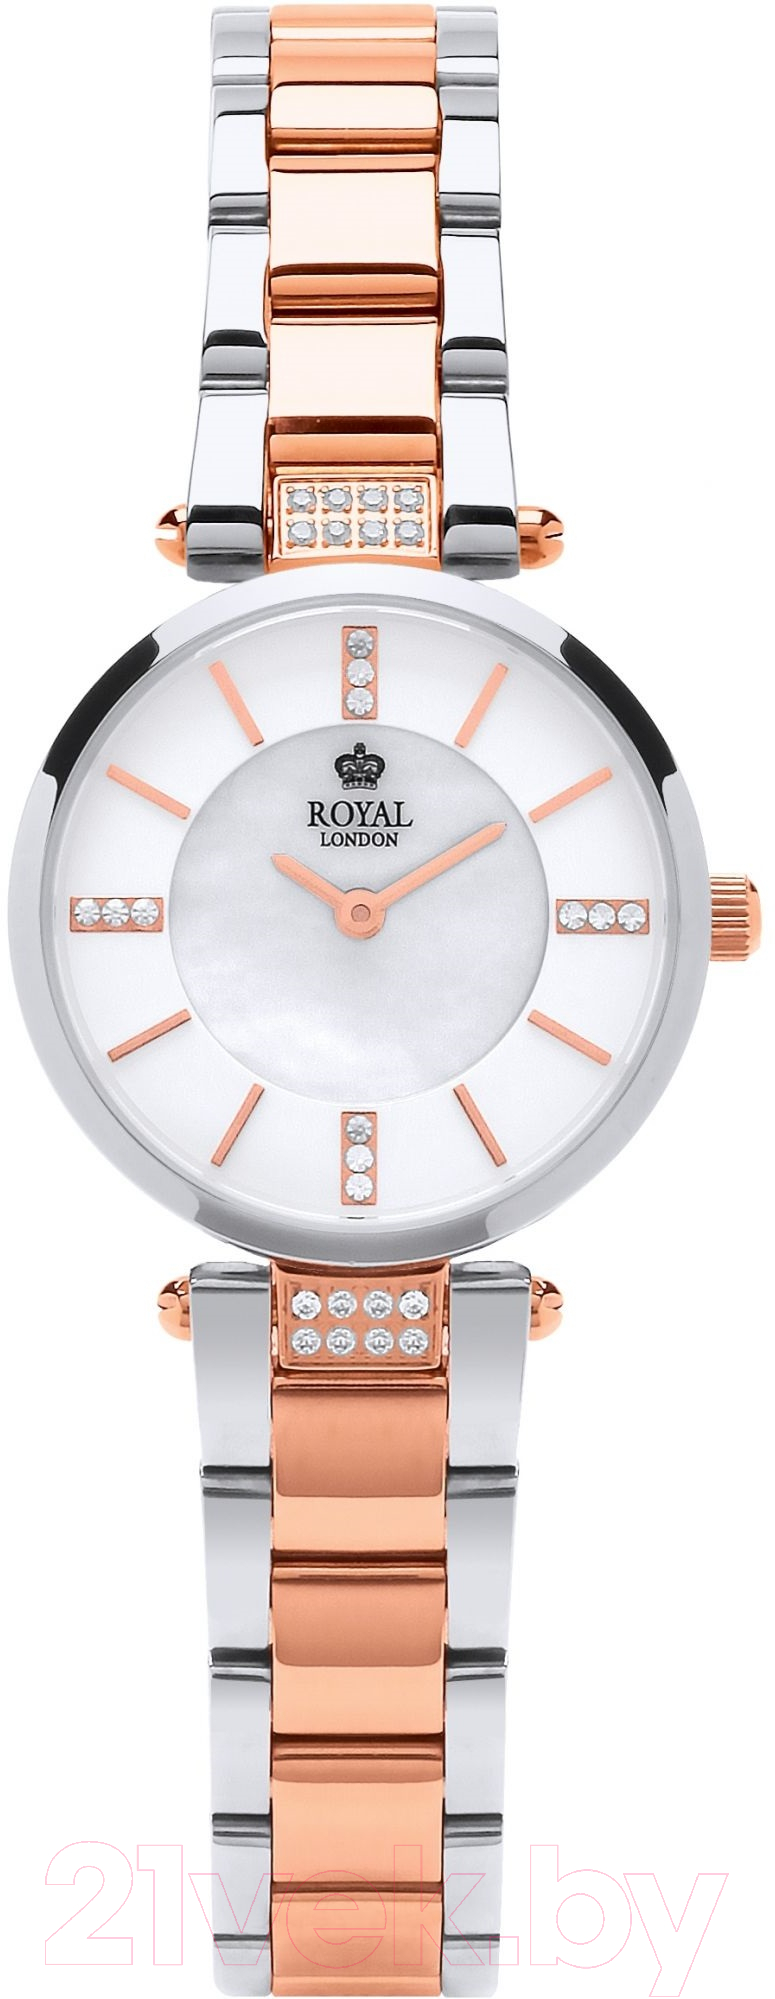 Купить Часы наручные женские Royal London, 21355-05, Великобритания